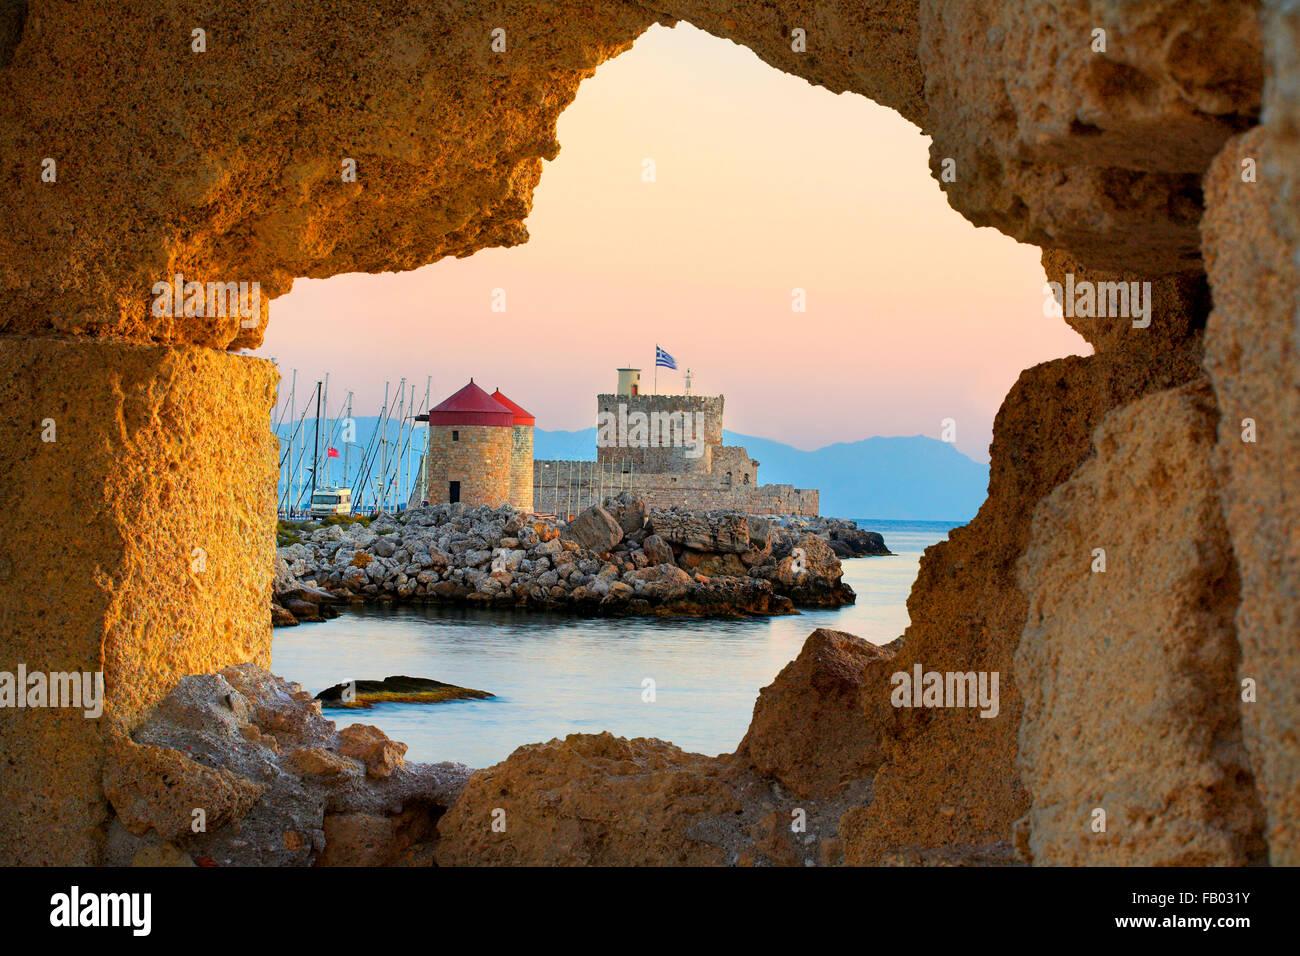 Il Castello e vecchi mulini a vento presso l'entrata di Mandrachi porto di Rodi, Grecia, UNESCO Immagini Stock